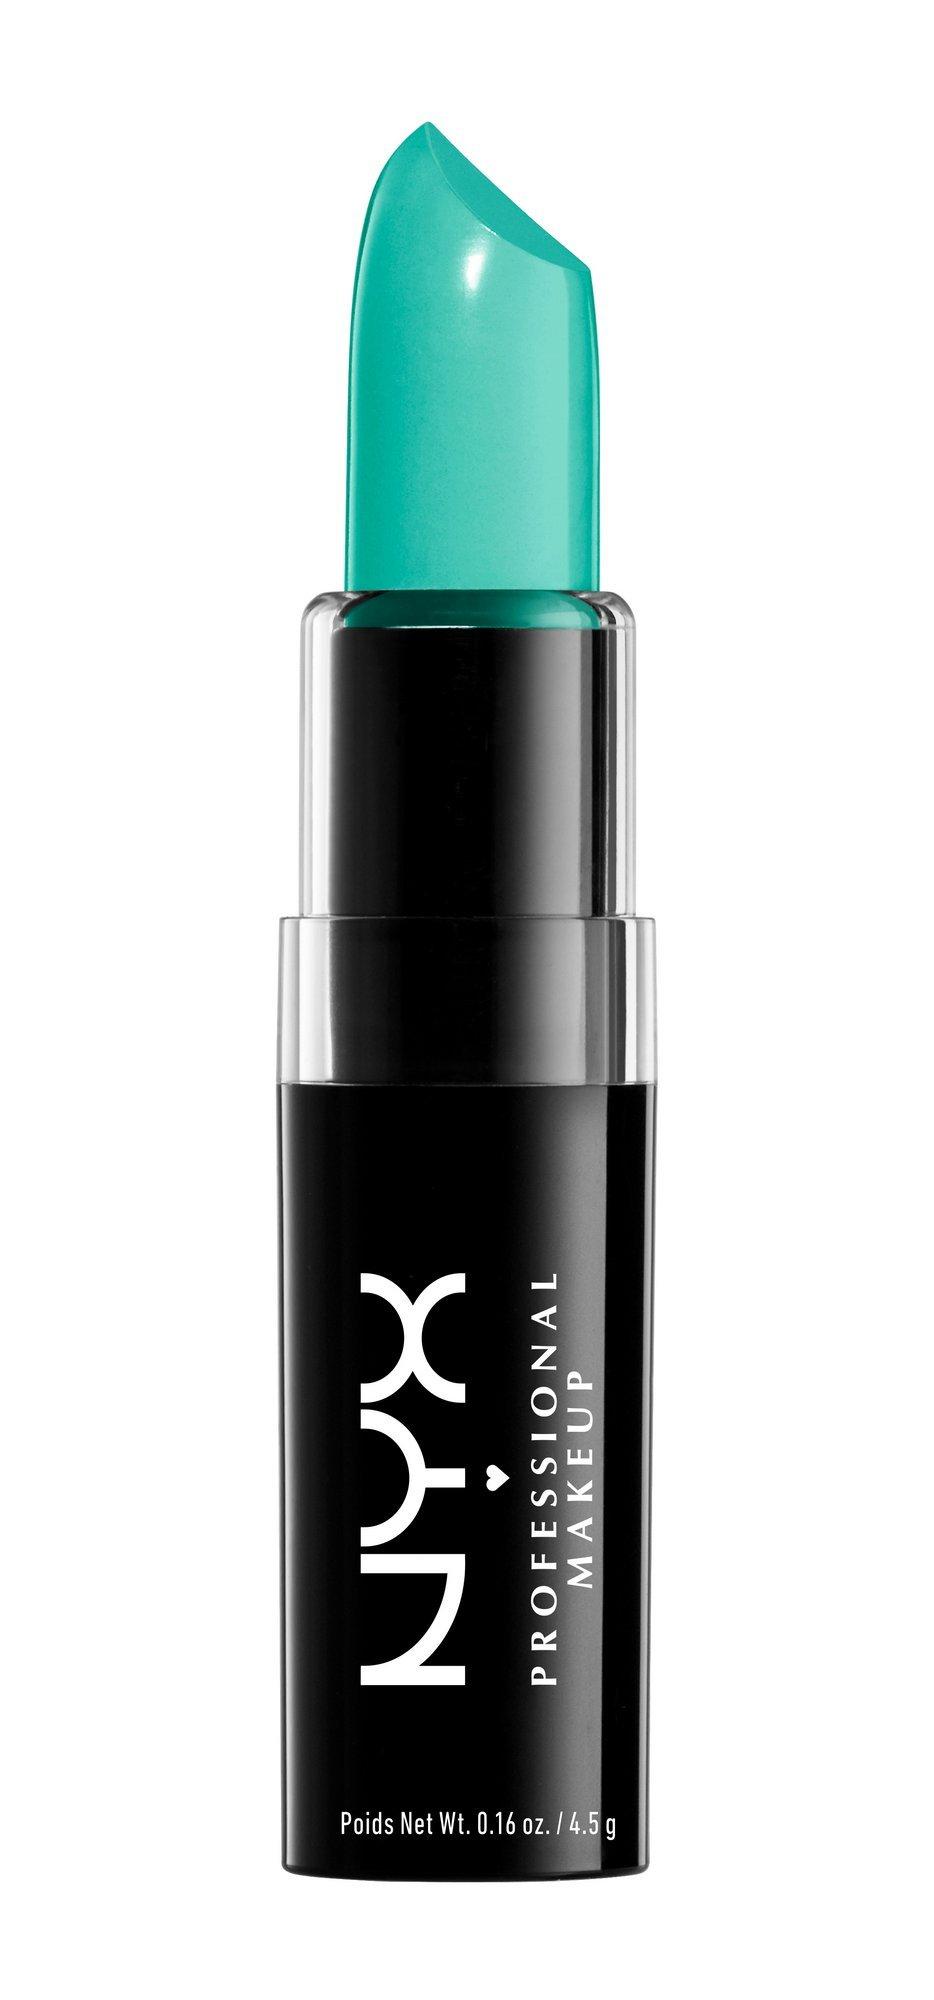 """NYX Macaron Pastel Lippies Lipstick - Pistachio : MALS06 """"Mint Green"""" 0.16 oz."""